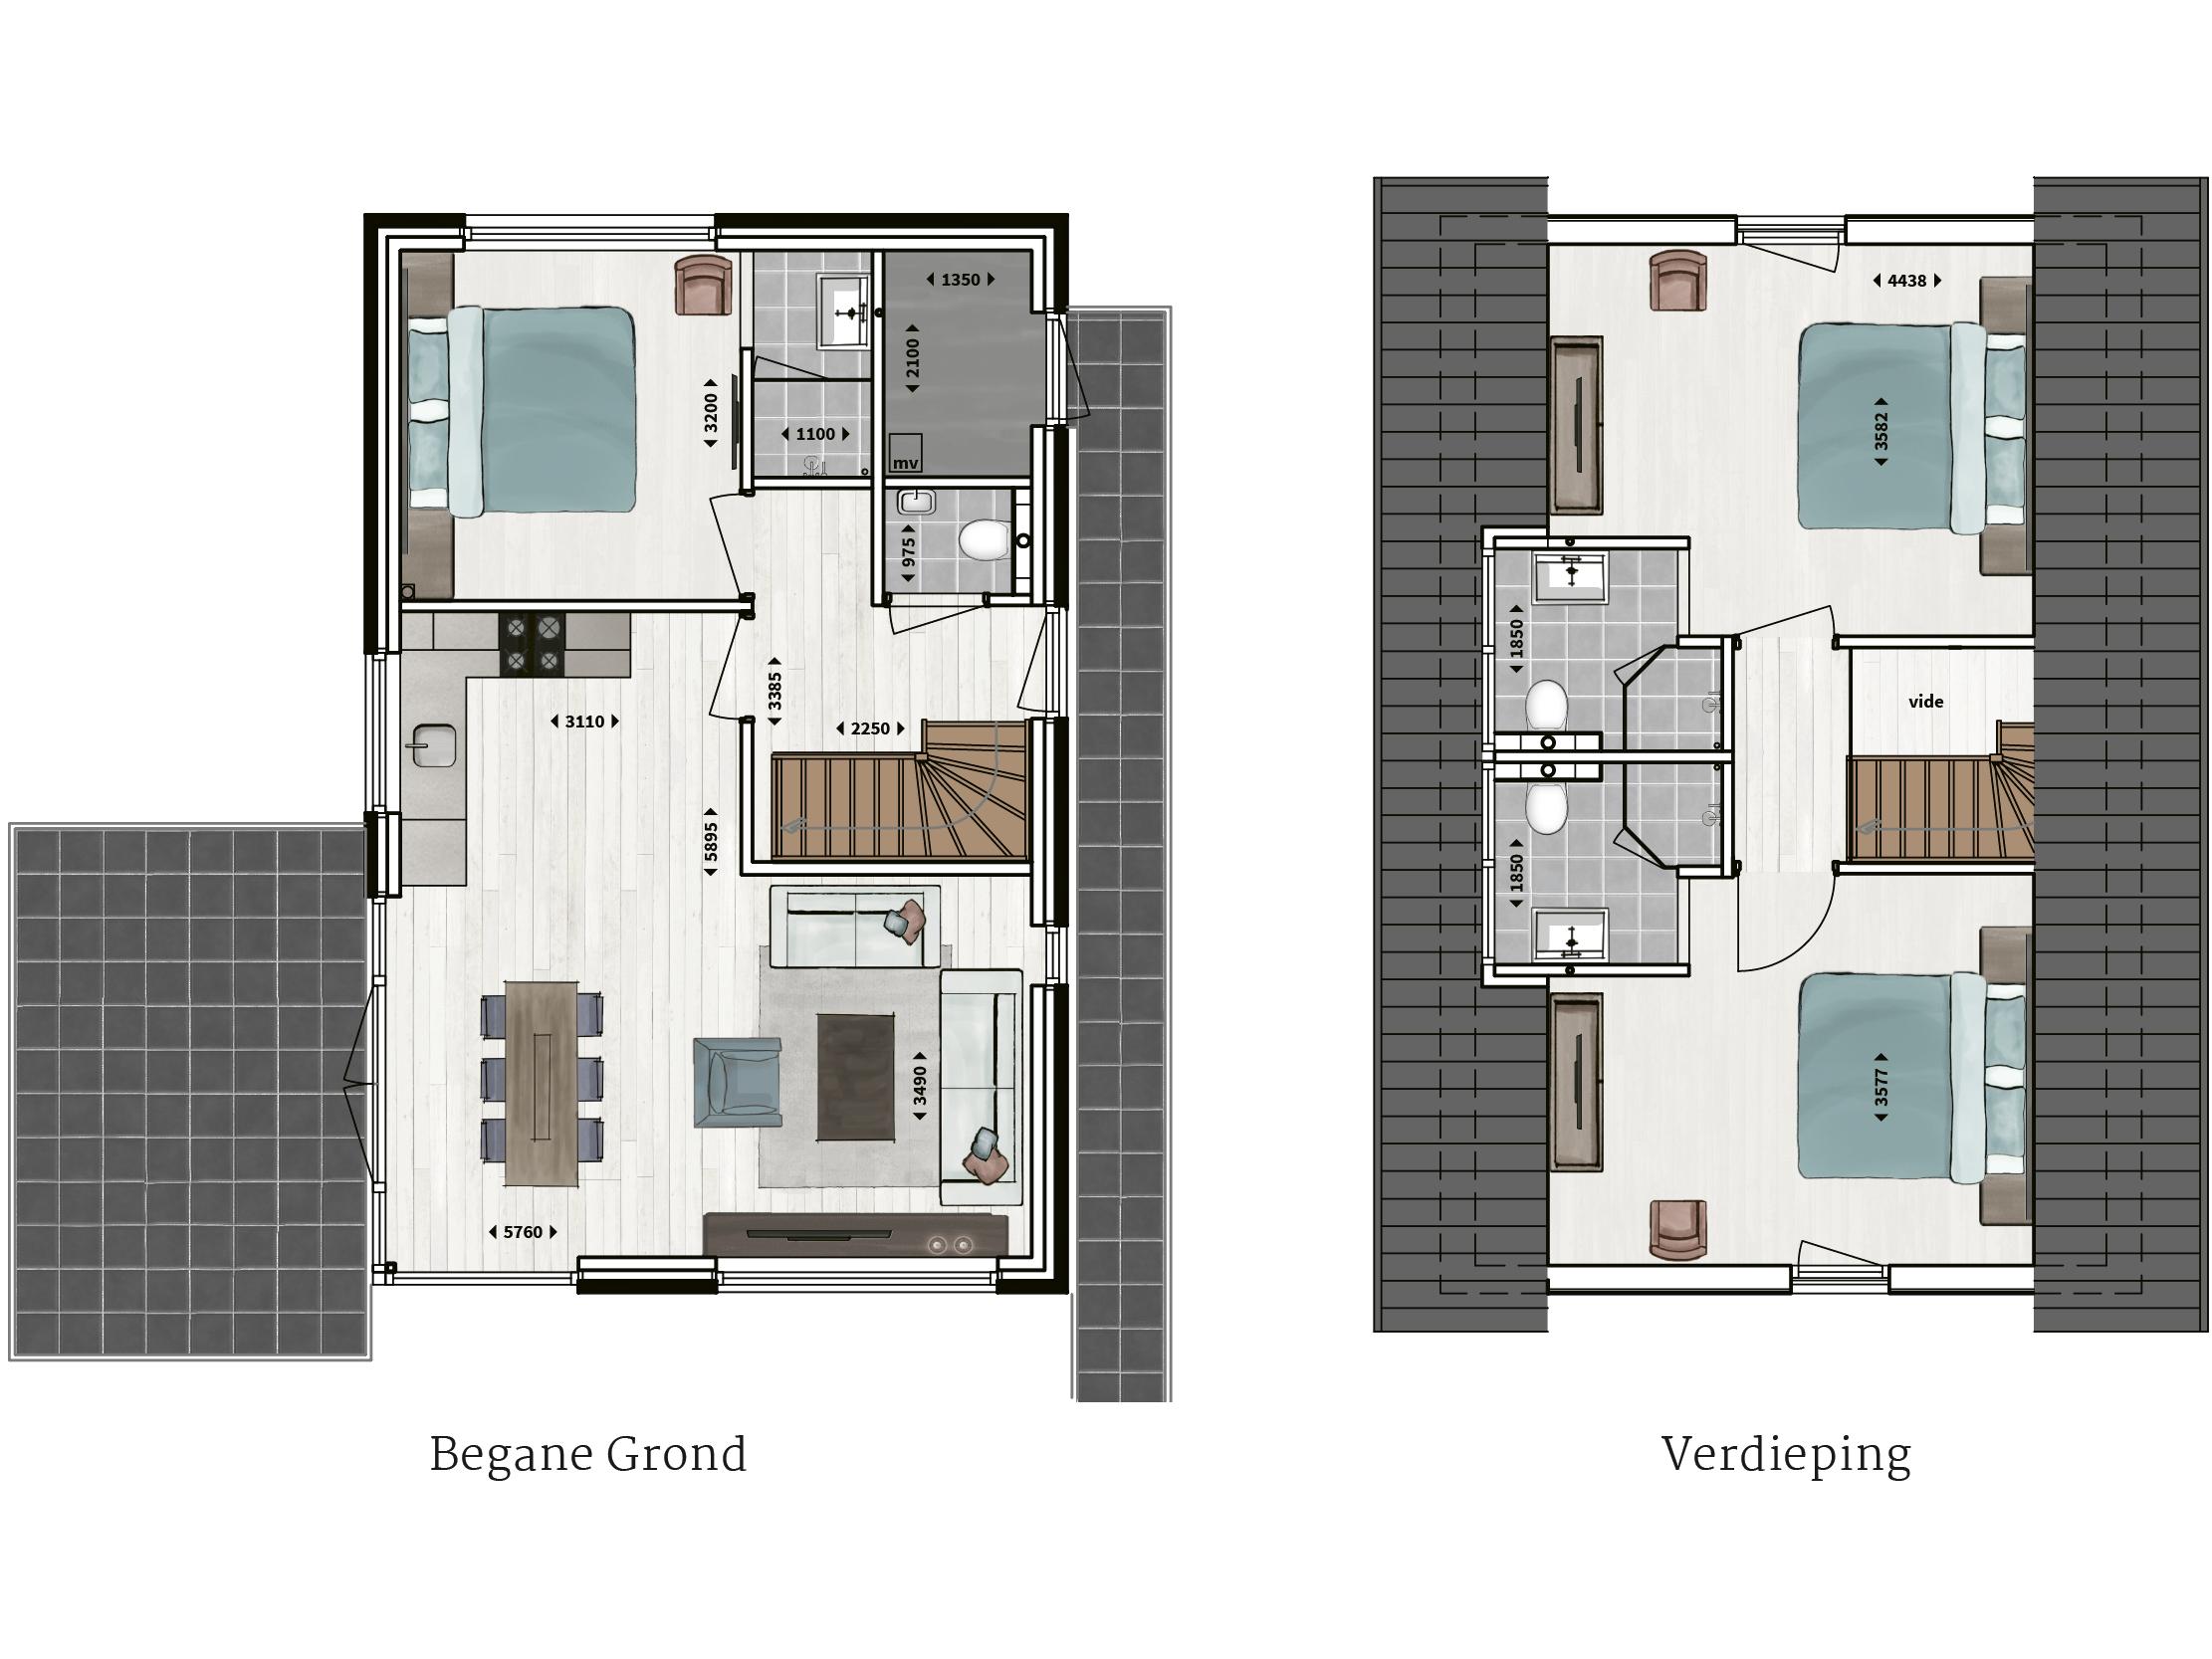 Kenmerken - - Pannengedekt- Gevel van metselwerk en hout- Drie slaapkamers- Drie badkamers en suite met inloopdouche en waarvan twee met een eigen toilet- Compleet ingerichte keuken- Glazen hoekpui- Buitenberging